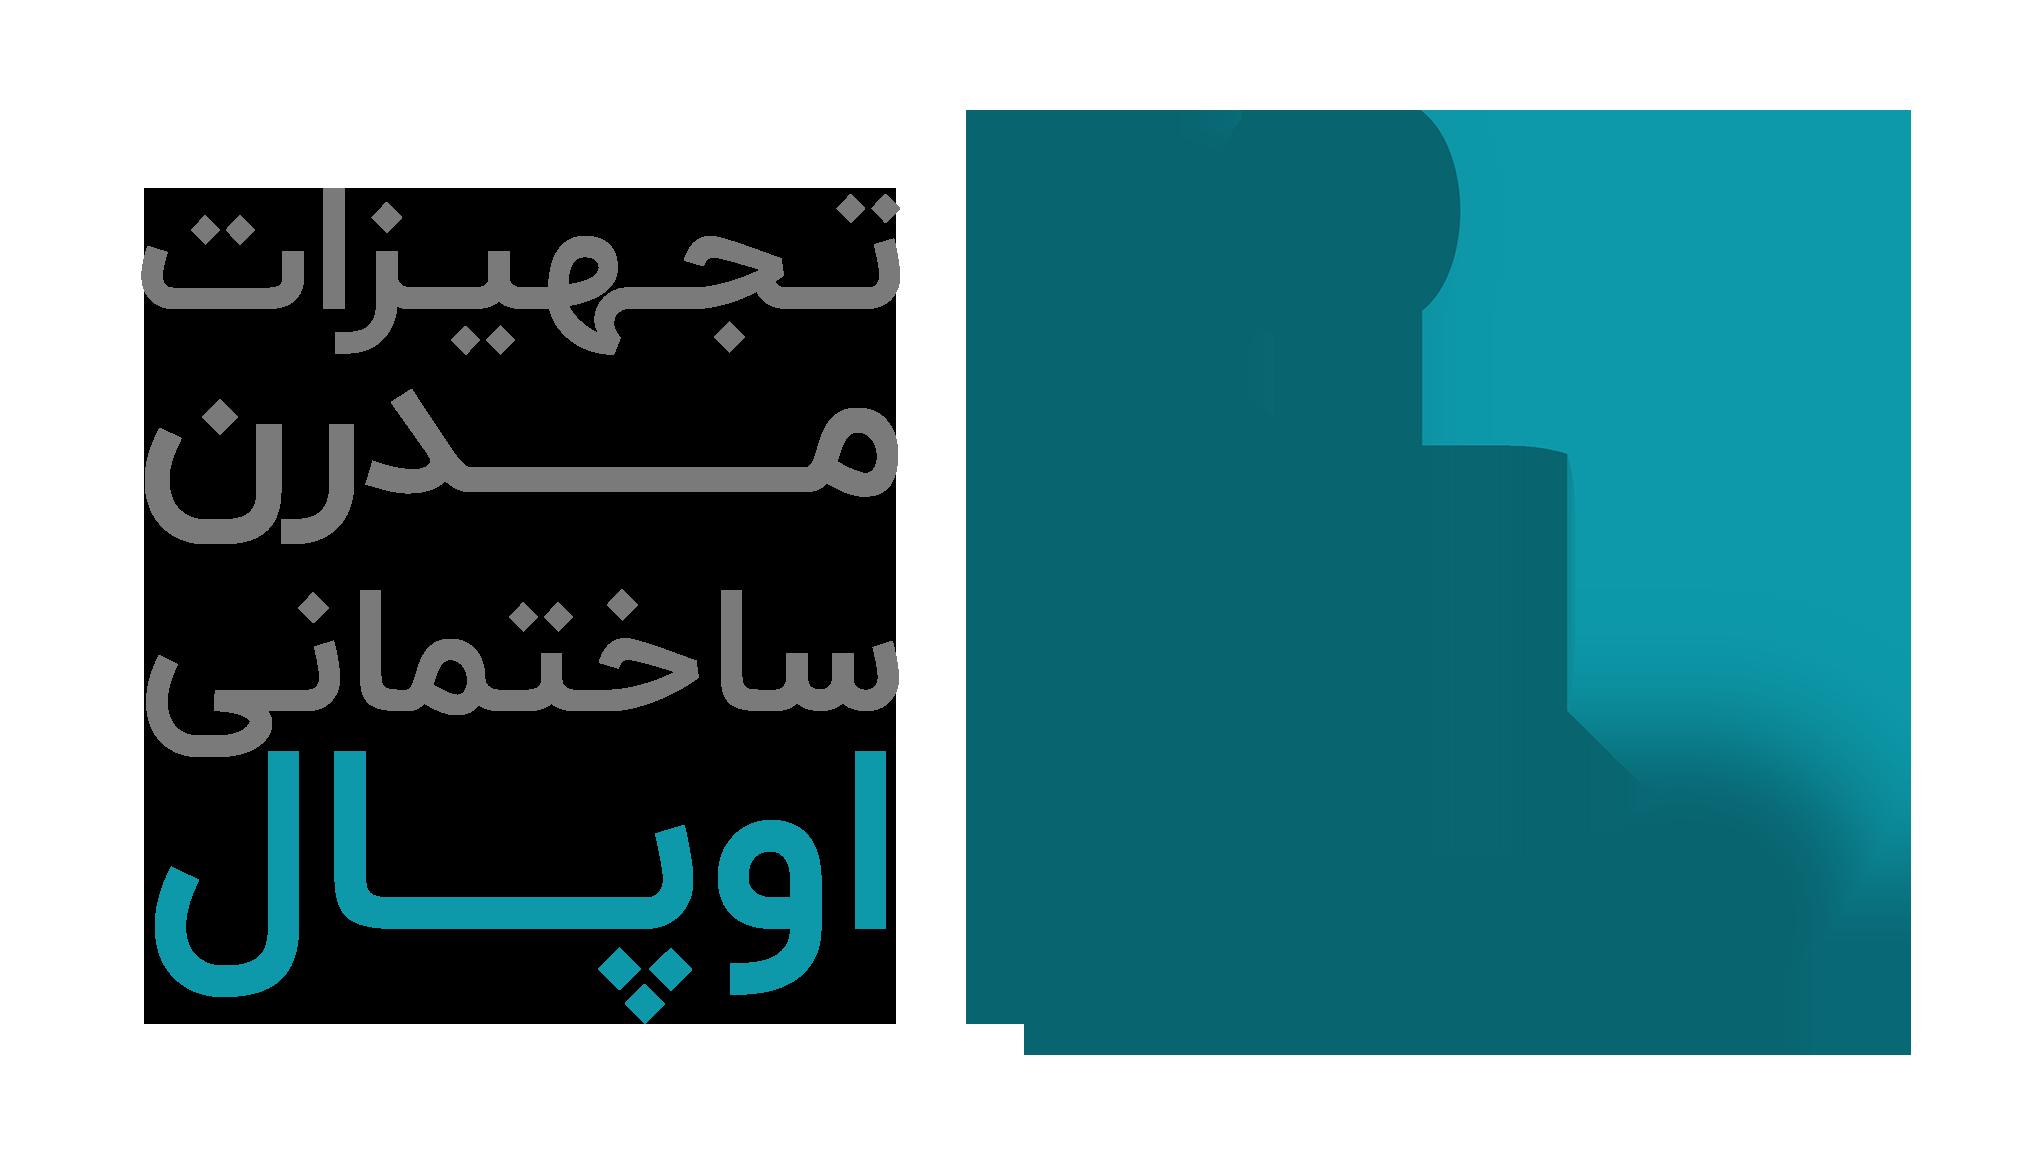 logo rsite header